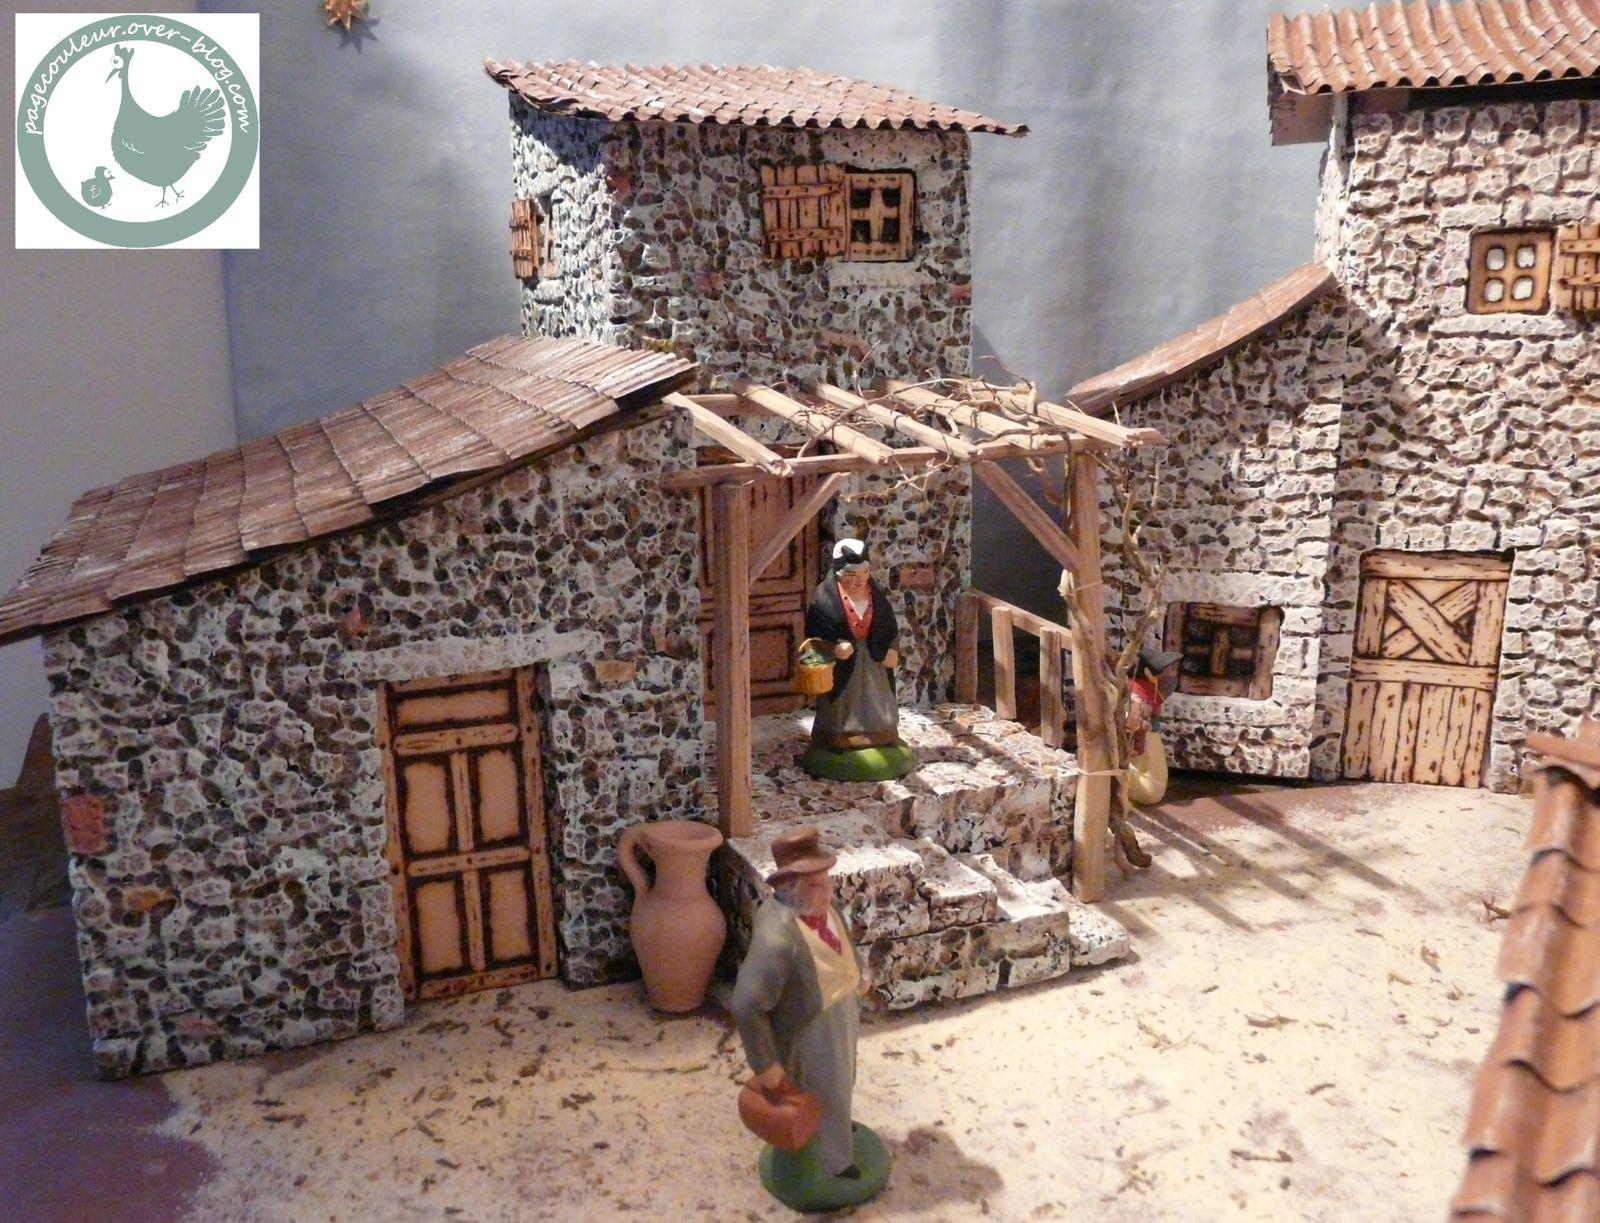 La Crèche: Fabrication D'Une Maison - Le Blog De Pagecouleur à Comment Fabriquer Une Cheminée De Maison